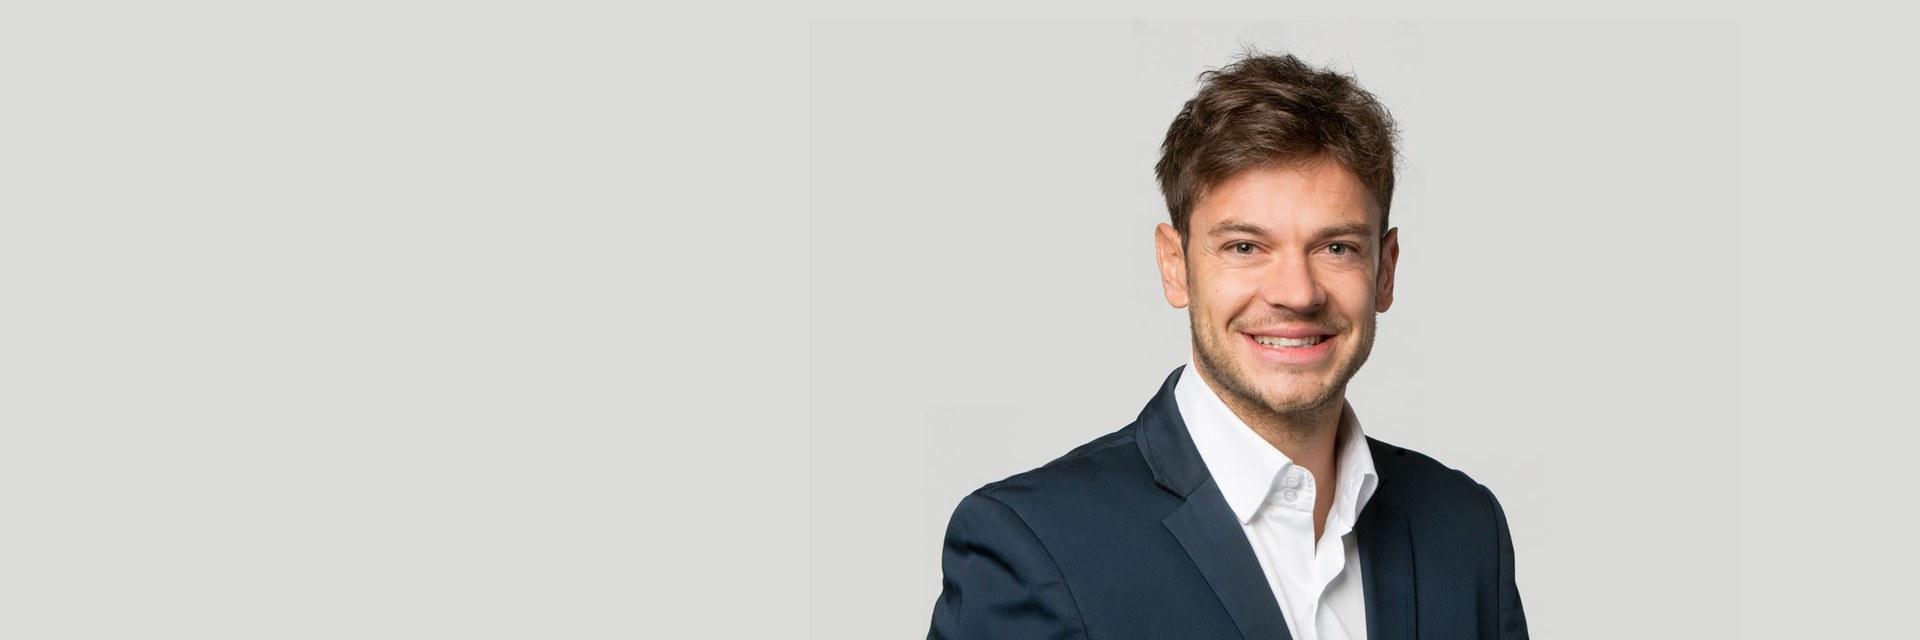 Emanuele Laurenzi